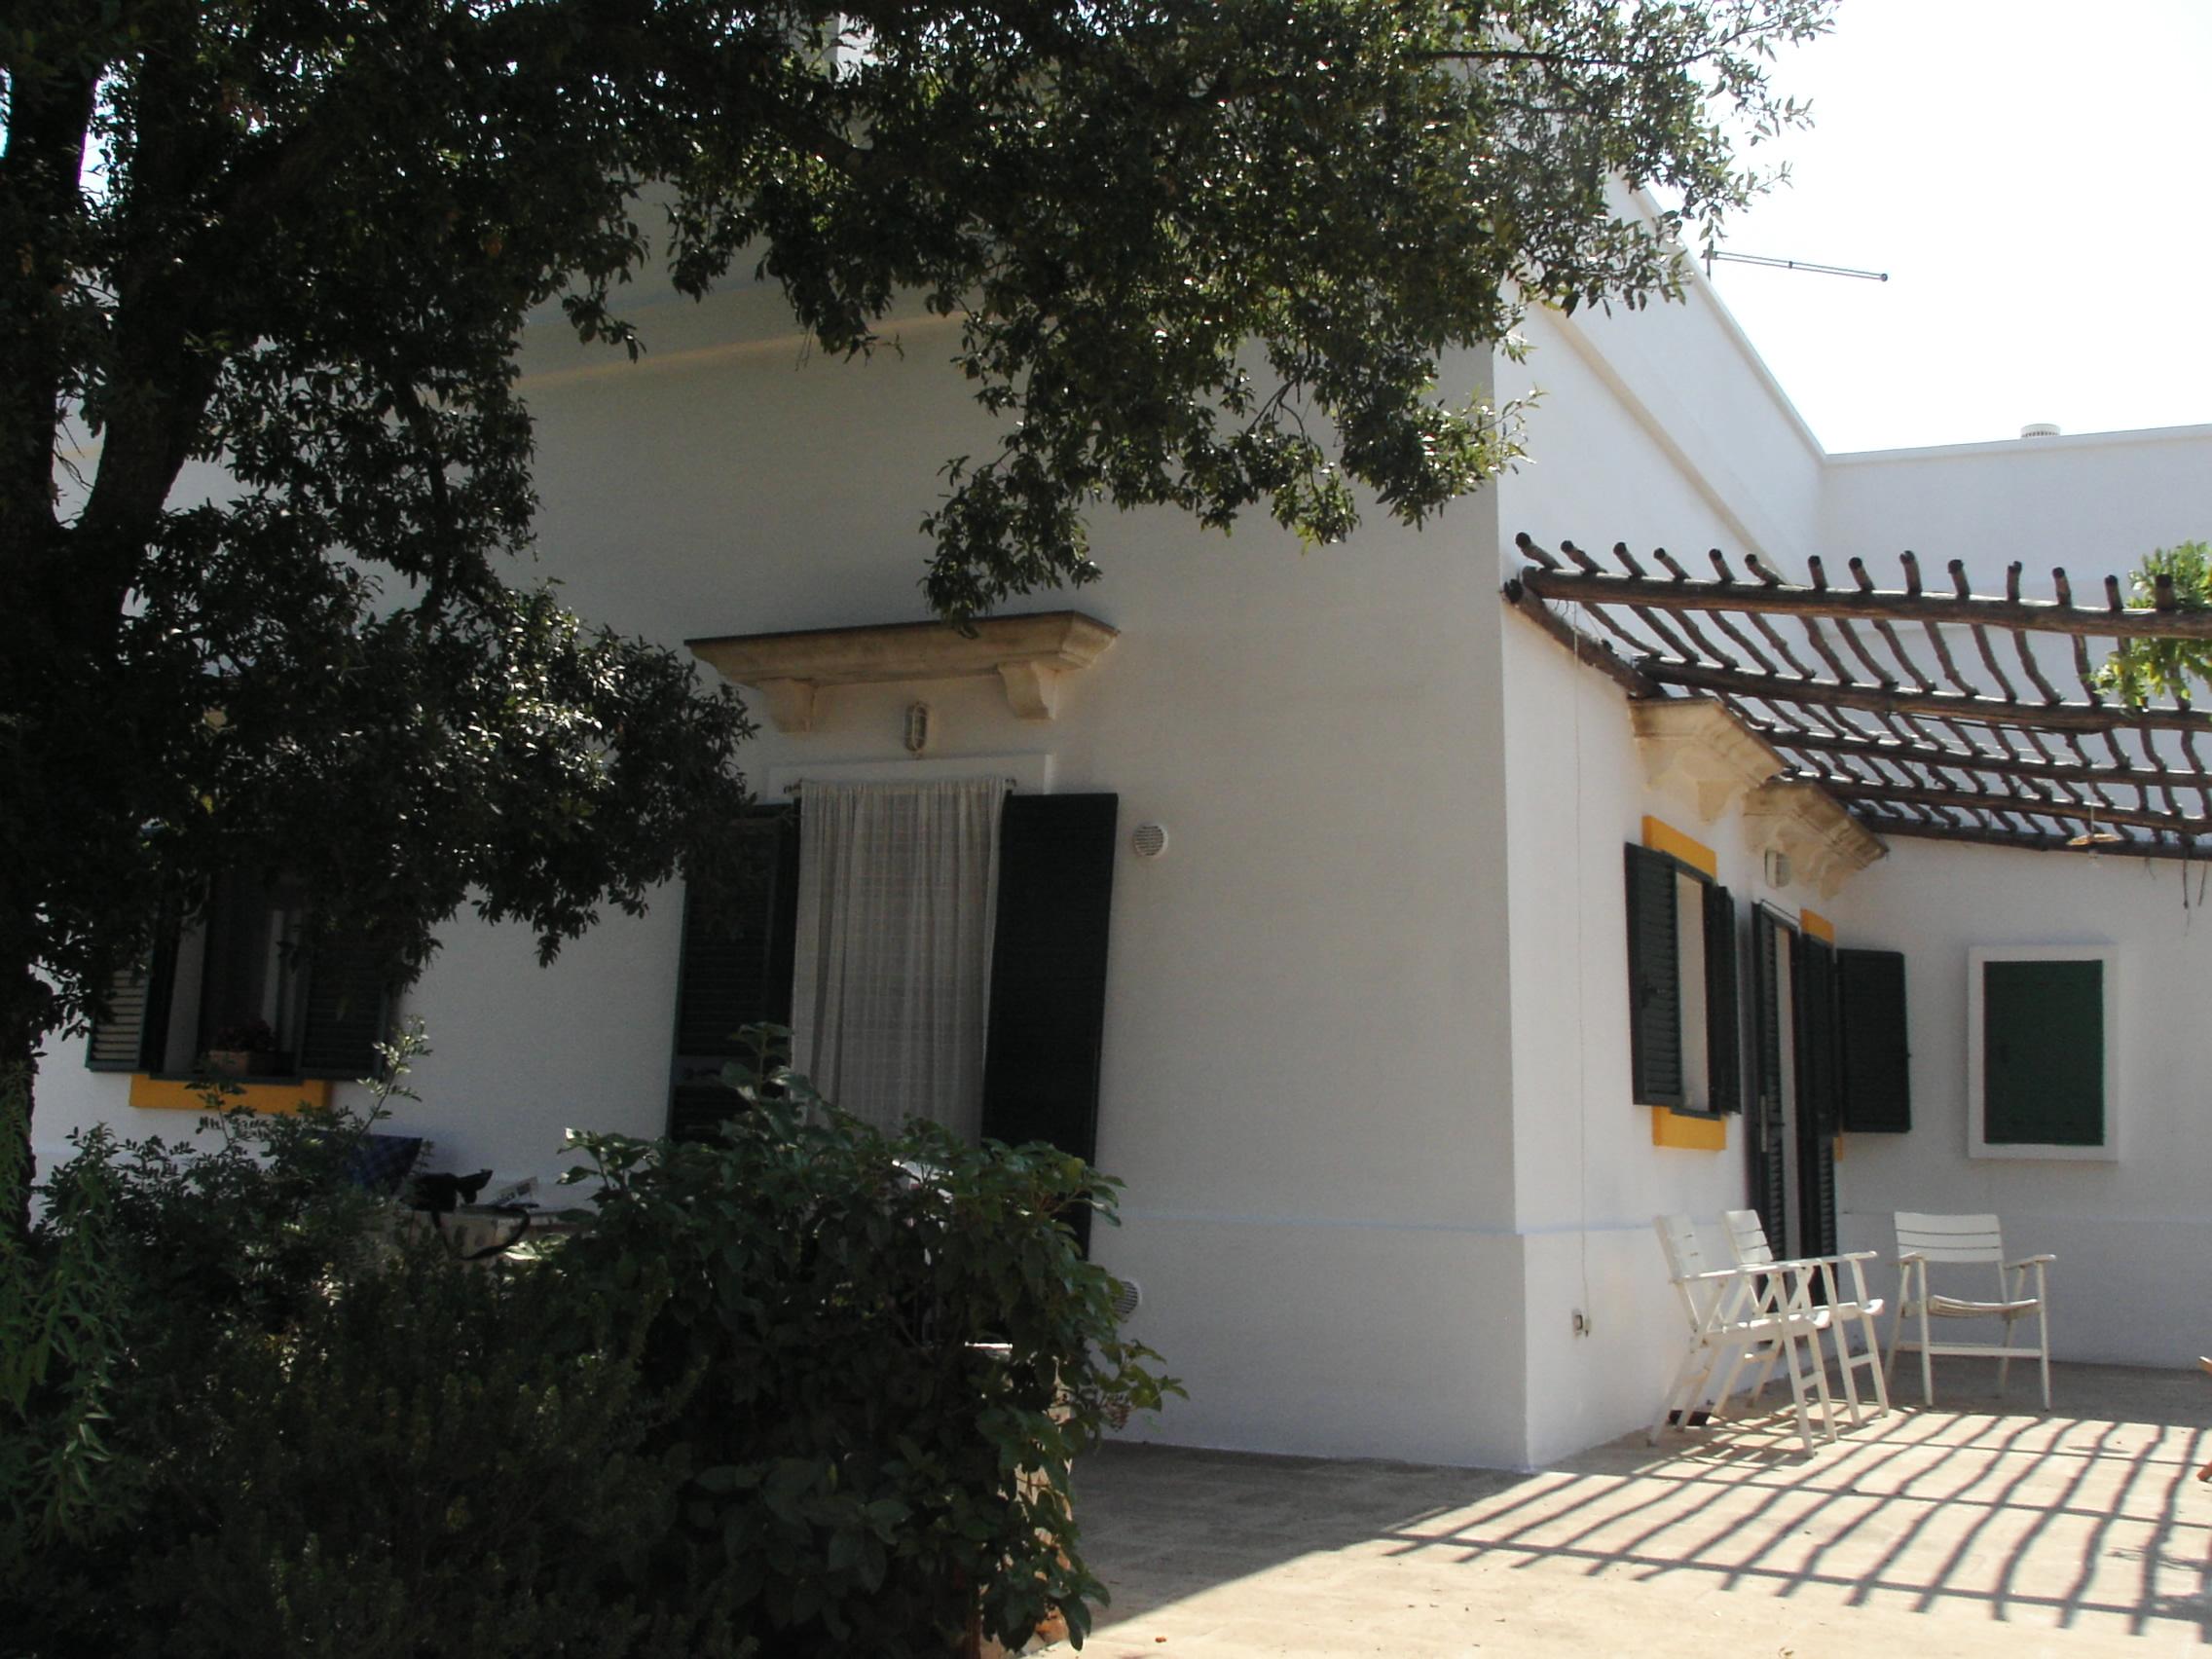 Facciata laterale - Side facade - Façade latérale